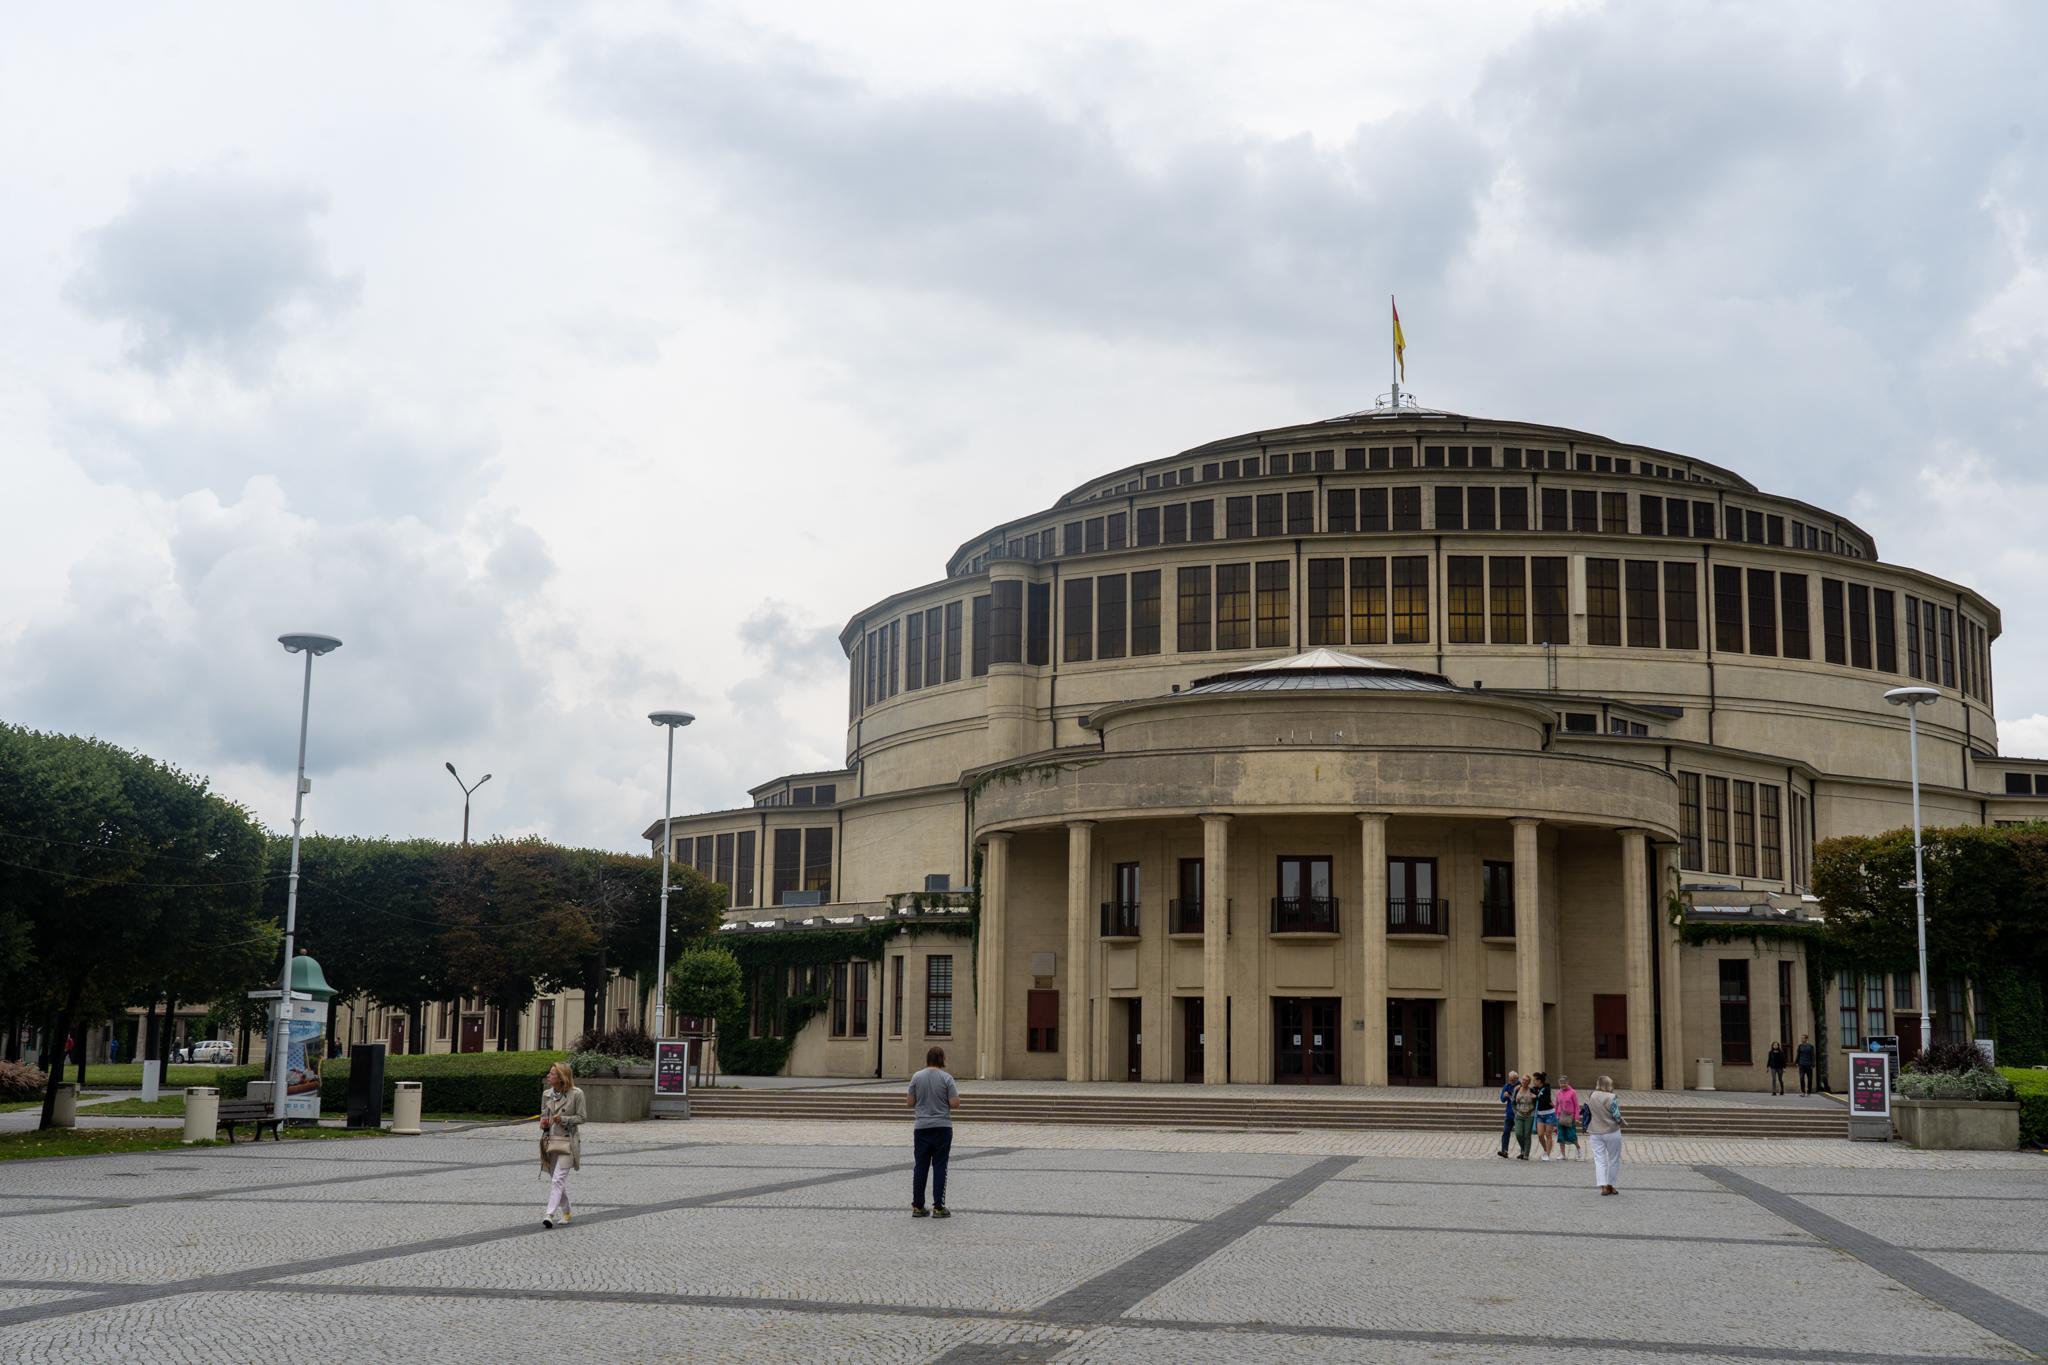 Breslau Sehenswürdigkeiten: Jahrhunderthalle